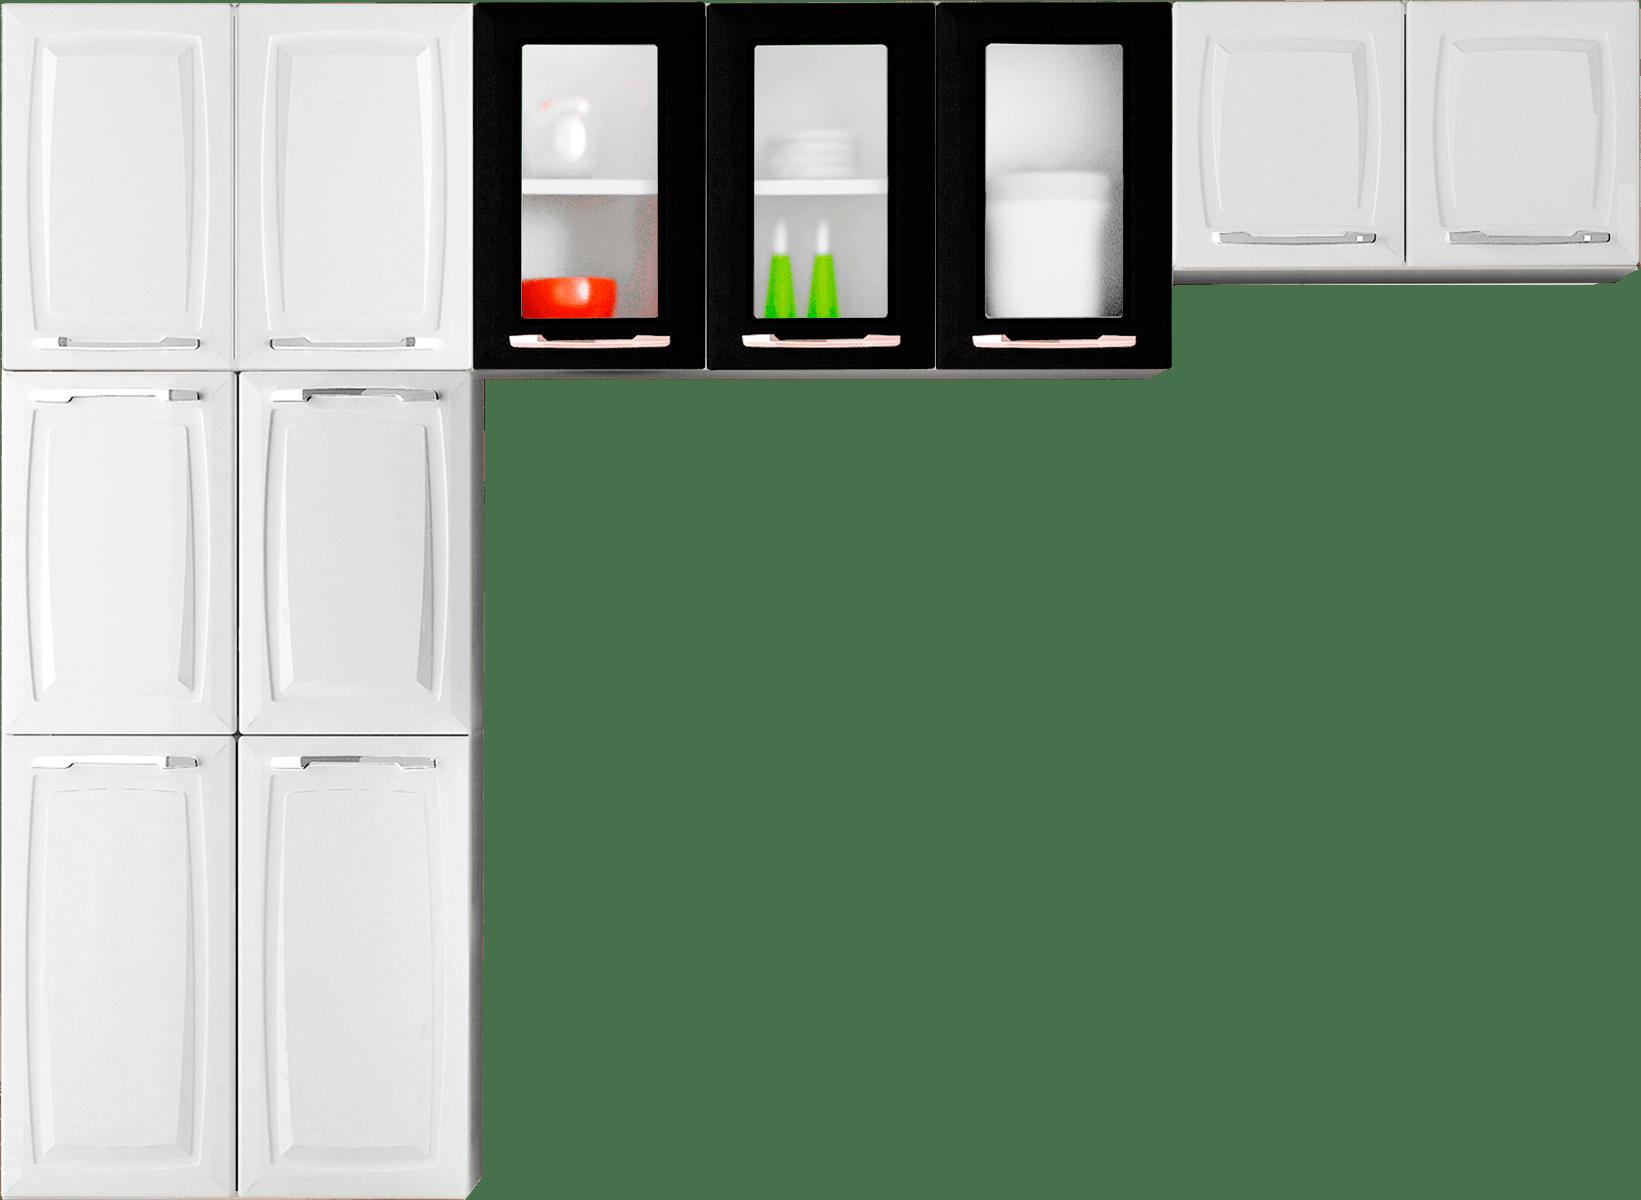 #C81B03 Cozinha de Aço 3 Peças Itatiaia Criativa Max II Branco / Preto 1641x1200 px Armario De Cozinha Compacta Buscape #1929 imagens